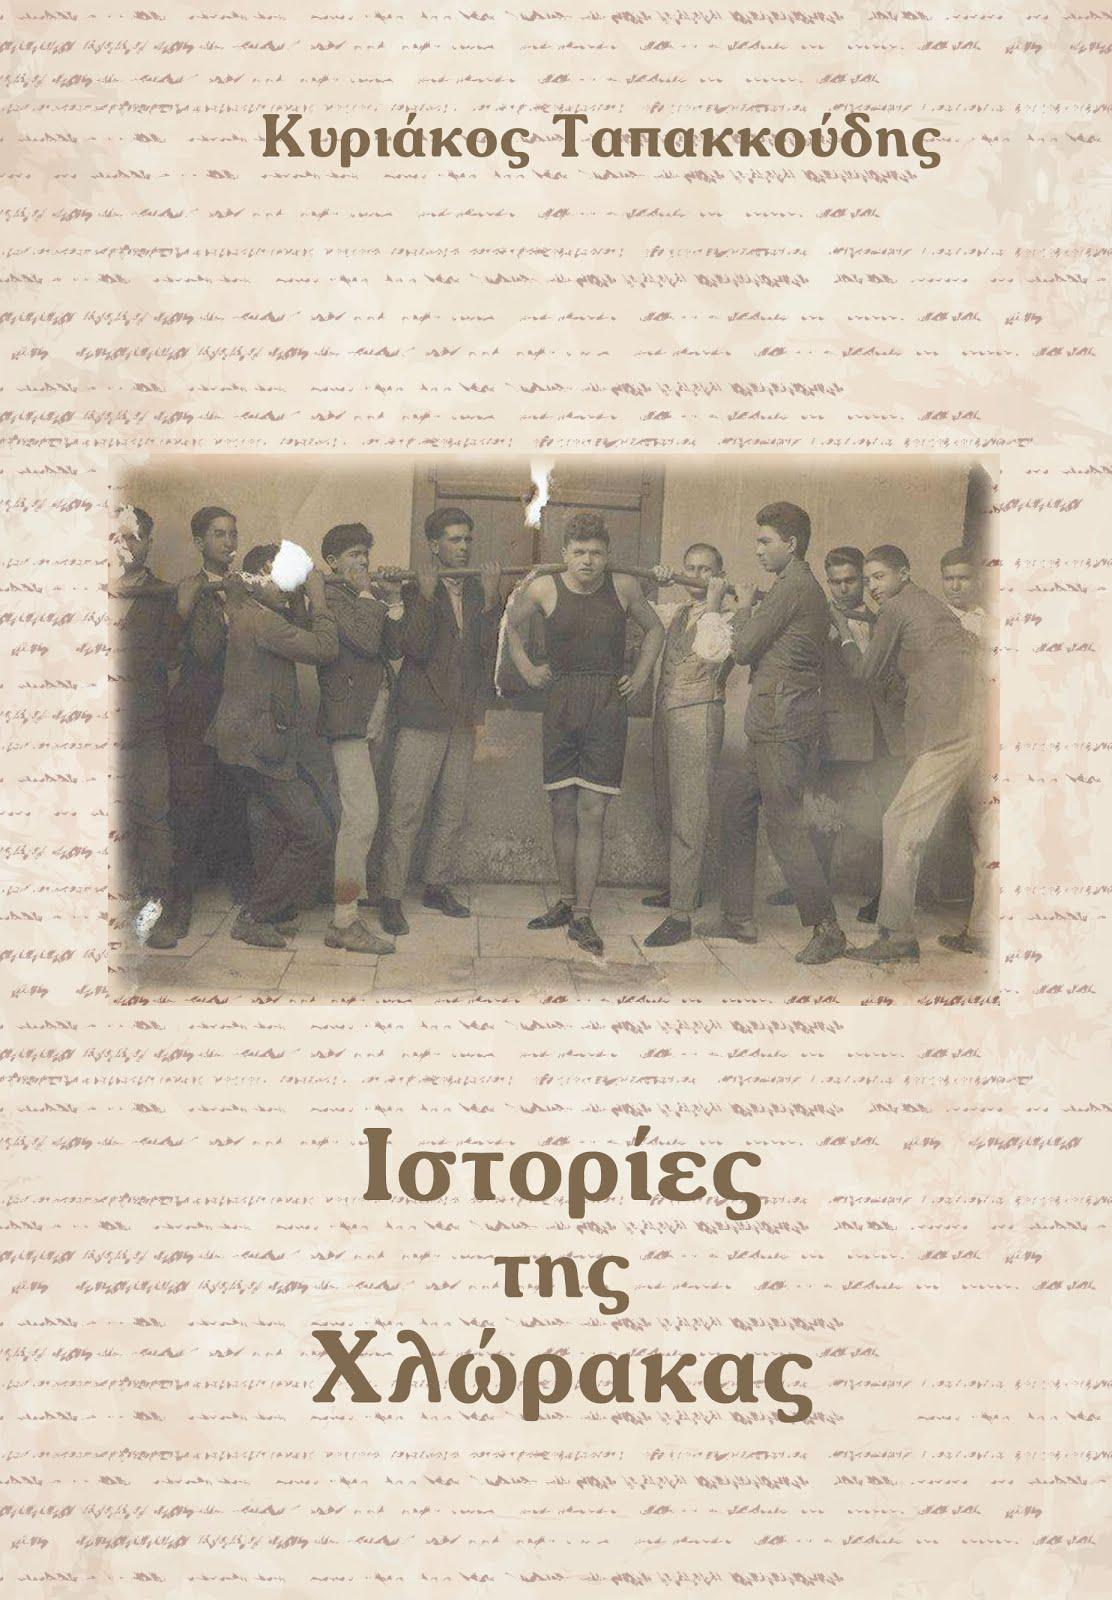 ΙΣΤΟΡΙΕΣ ΤΗΣ ΧΛΩΡΑΚΑΣ - βιβλίο